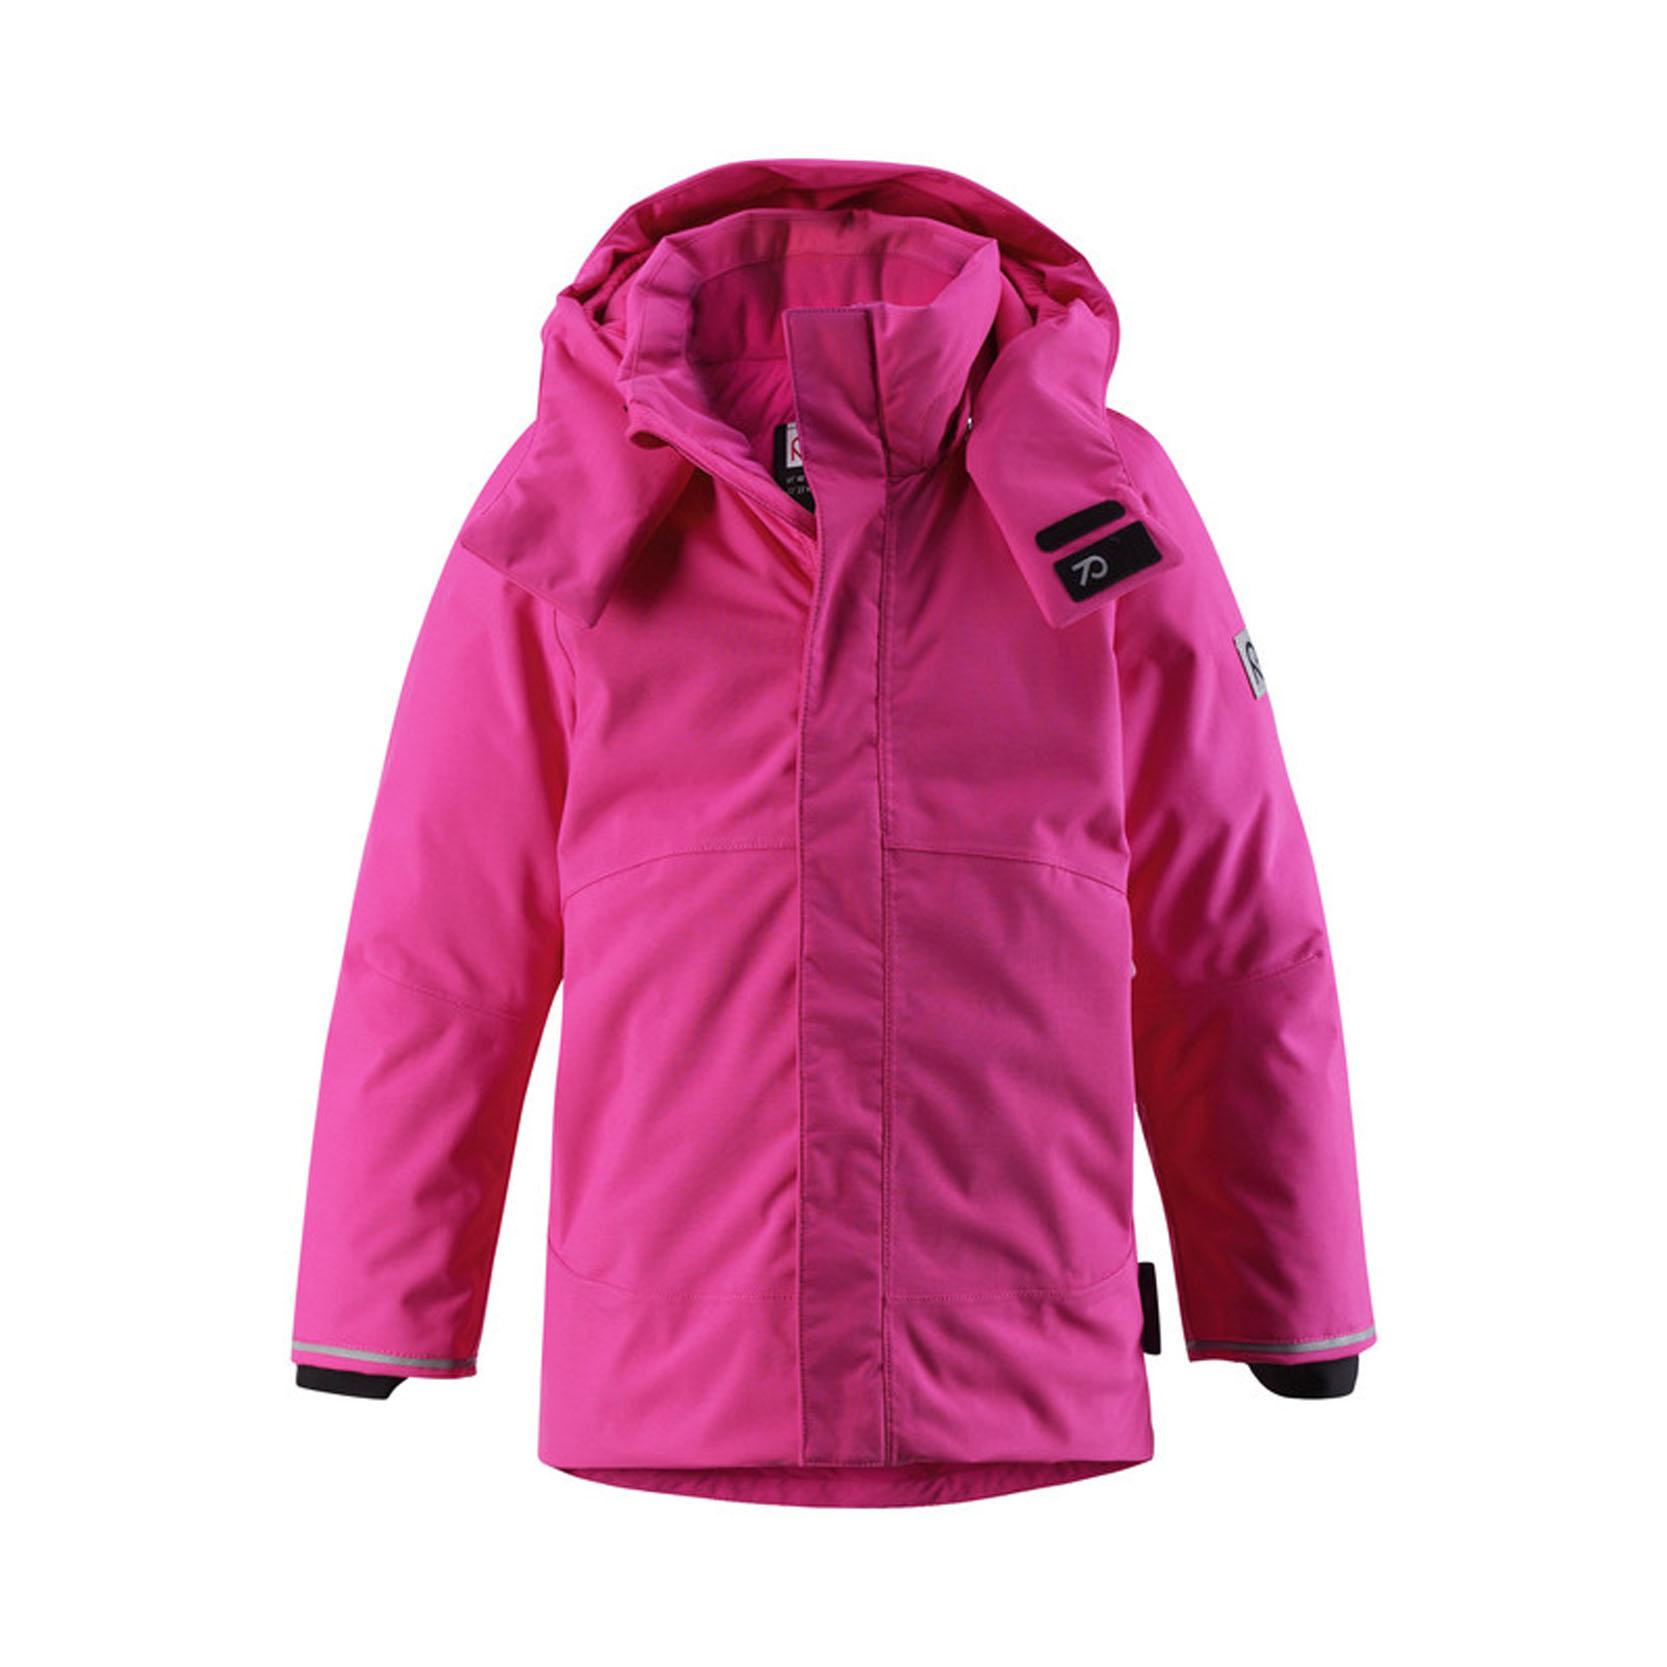 Куртка детская Reimatec+ Paasi, цвет: розовый. 521372-4620. Размер 110521372_4620Теплая детская куртка Reimatec+ Paasi идеально подойдет для ребенка в холодное время года. Куртка изготовлена из водоотталкивающей и ветрозащитной мембранной ткани с утеплителем из пуха и пера. Материал отличается высокой устойчивостью к трению, благодаря специальной обработке полиуретаном поверхность изделия отталкивает грязь и воду, что облегчает поддержание аккуратного вида одежды, дышащее покрытие с изнаночной части не раздражает даже самую нежную и чувствительную кожу ребенка, обеспечивая ему наибольший комфорт. Куртка с капюшоном и удлиненной спинкой застегивается на пластиковую застежку-молнию с защитой подбородка, благодаря чему ее легко надевать и снимать, и дополнительно имеет внешний ветрозащитный клапан на липучках. Регулируемый капюшон с козырьком защитит нежные щечки от ветра, он пристегивается к куртке при помощи кнопок и застегивается под подбородком клапаном на липучки. Низ рукавов дополнен внутренними широкими манжетами из лайкры, они мягко обхватывают запястья, не позволяя просачиваться холодному воздуху. Мягкая подкладка на воротнике и капюшоне обеспечивает дополнительный комфорт. Спереди куртка дополнена двумя прорезными кармашками на застежках-молниях. Понизу изделия проходит эластичная кулиска со стопперами, не позволяющая просачиваться холодному воздуху. Также модель дополнена светоотражающими элементами для безопасности в темное время суток. Все швы проклеены, не пропускают влагу и ветер. Высокая степень утепления. Идеально при температуре от -10°С до -30°С.